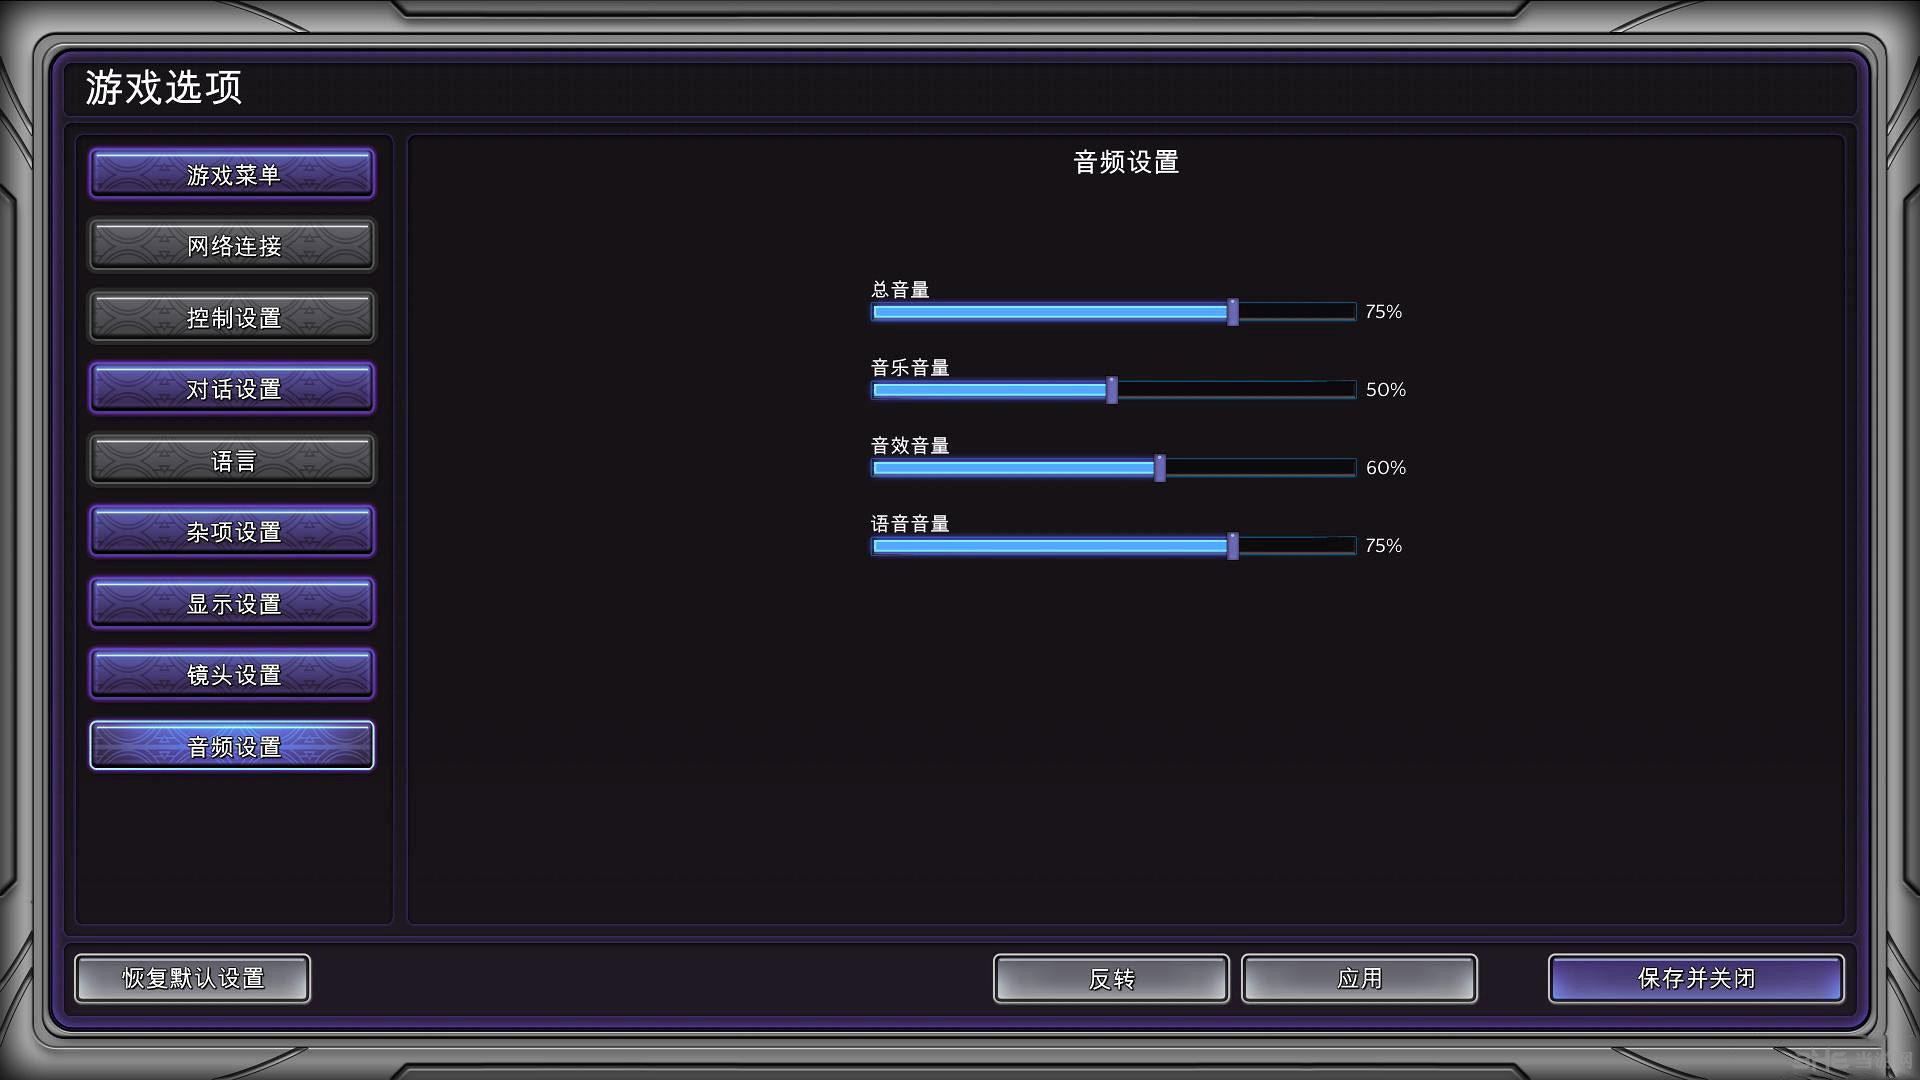 折磨:扭蒙拉之潮简体中文汉化补丁截图1